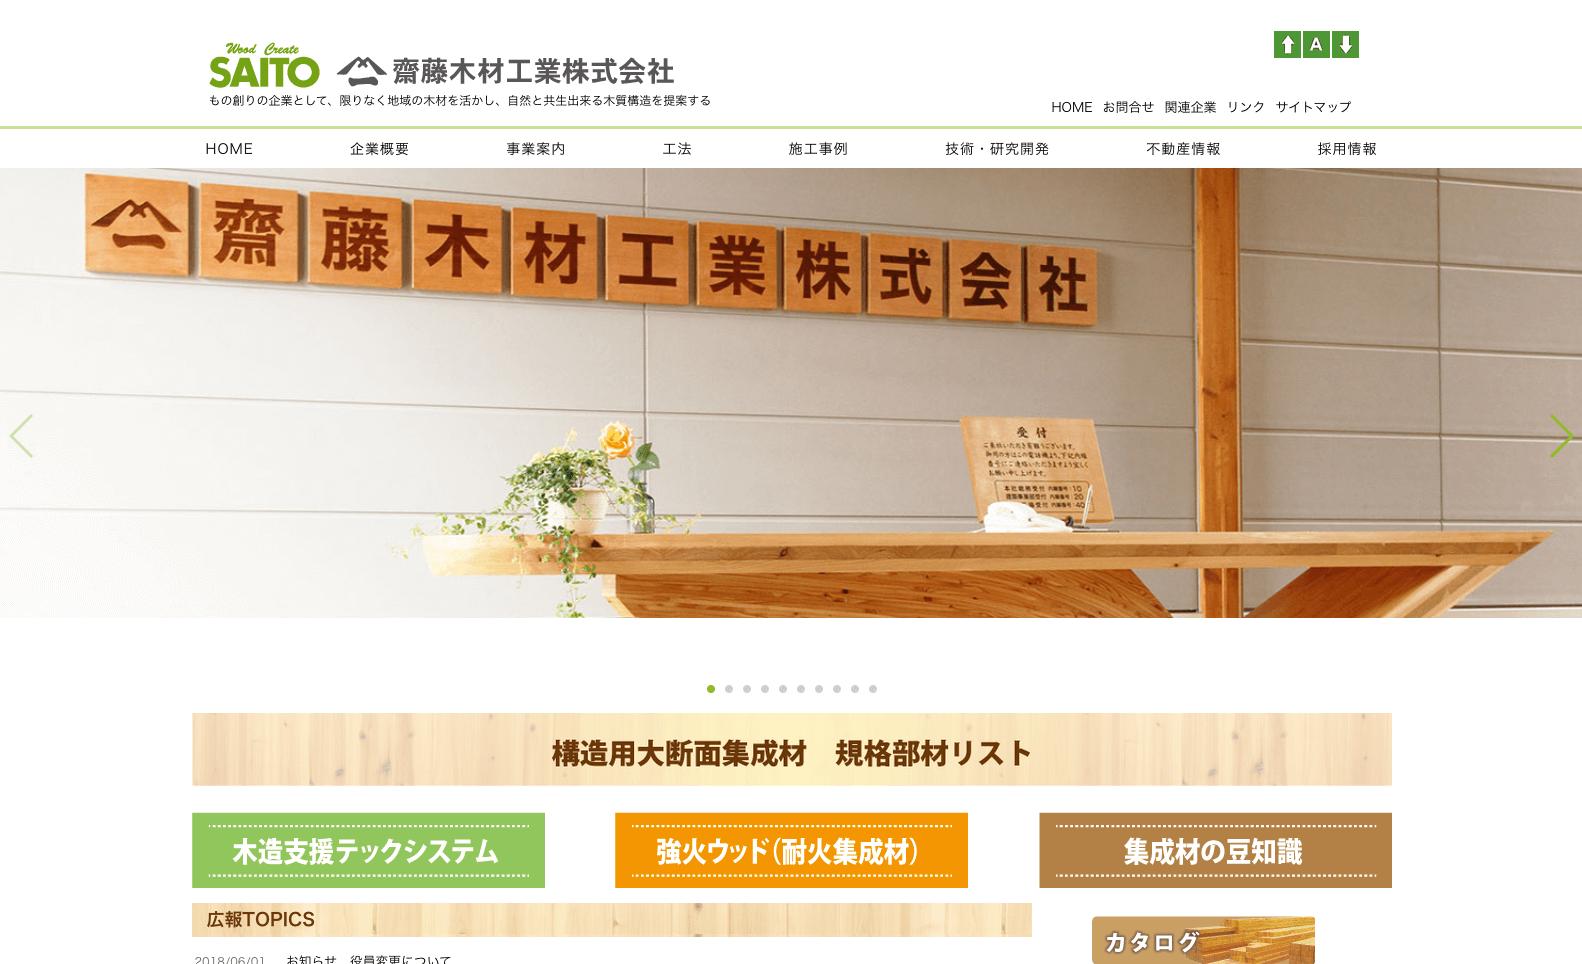 齋藤木材工業株式会社様 HP